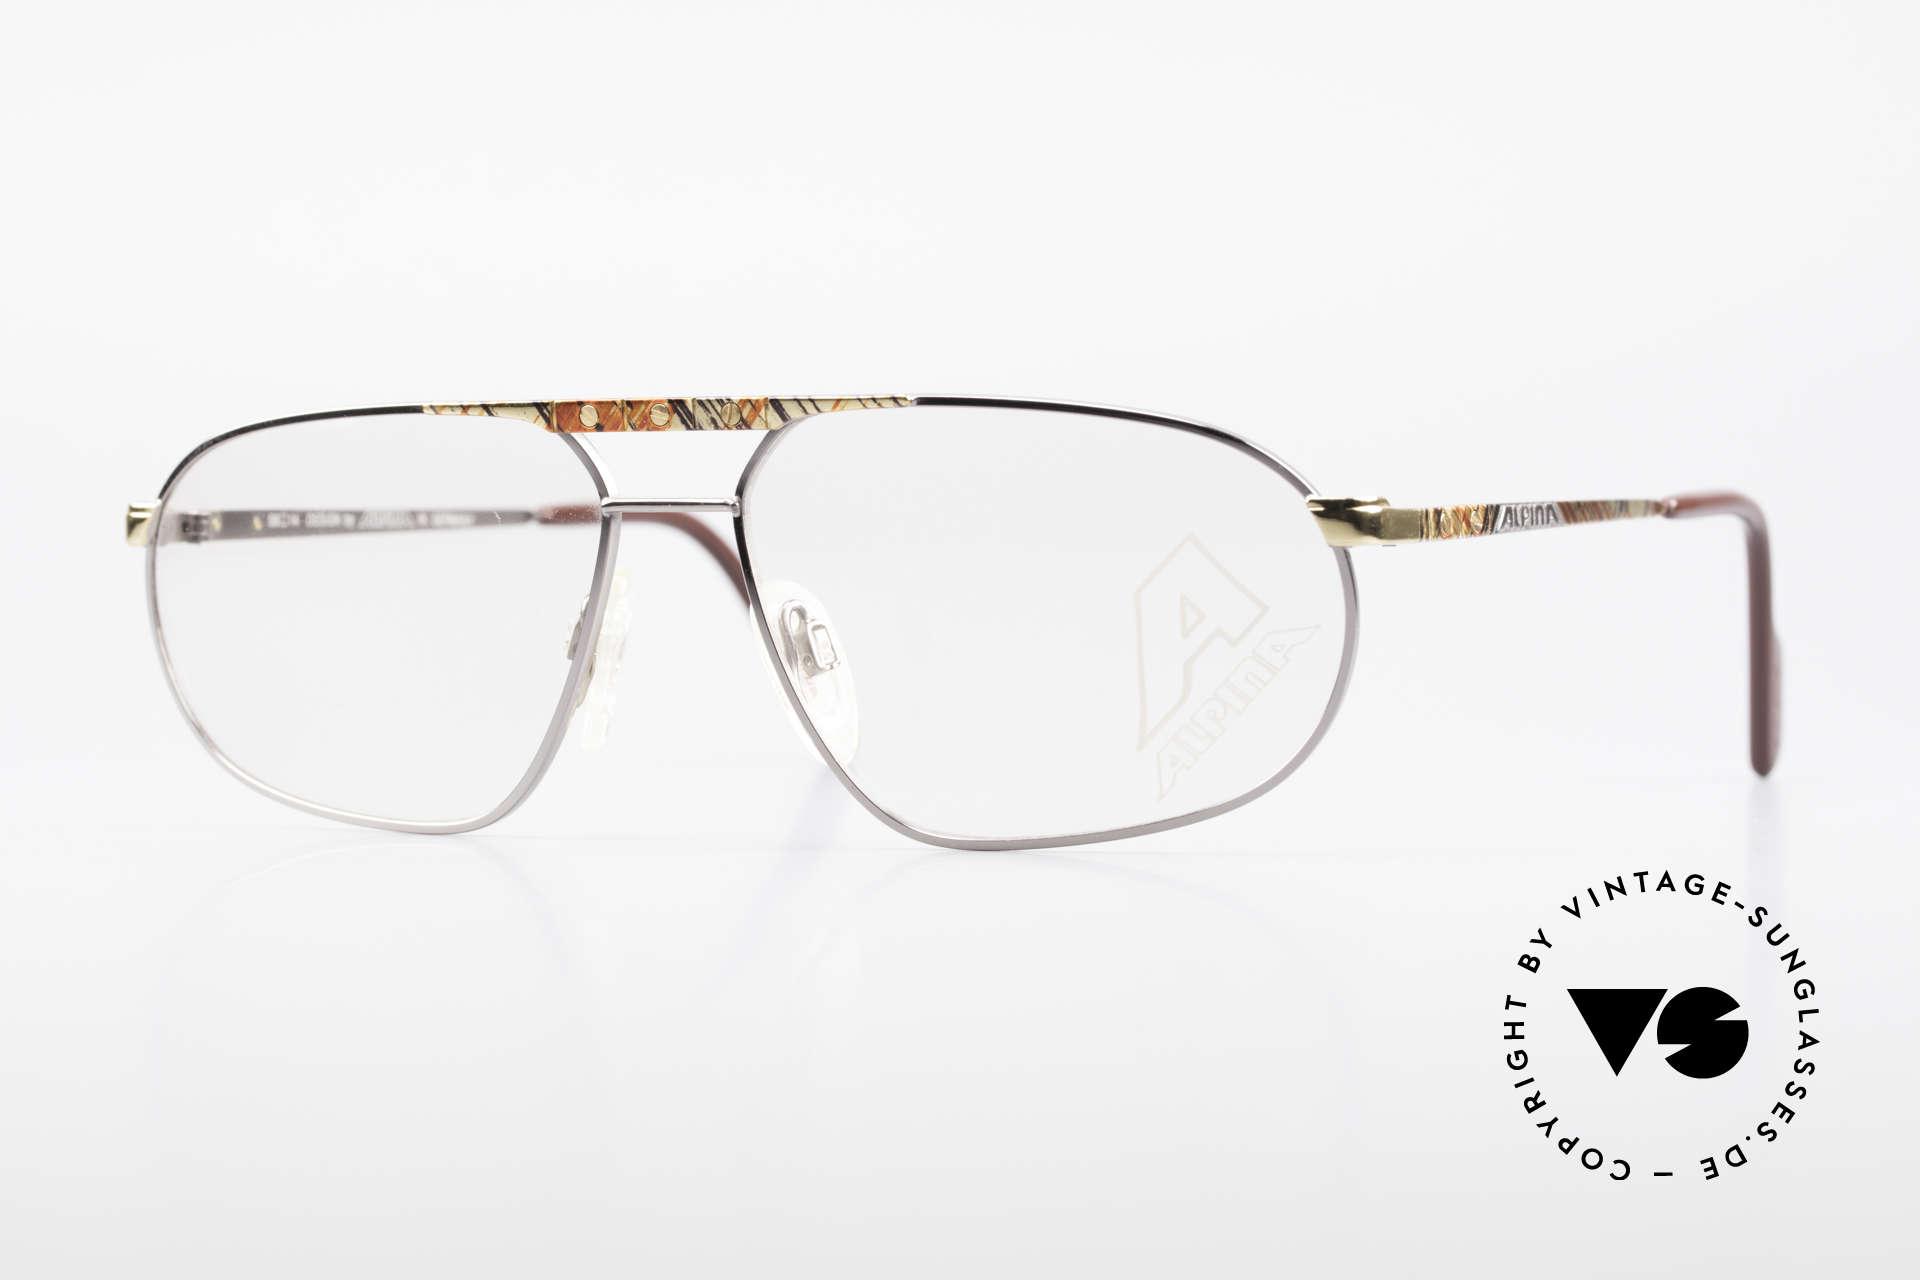 Alpina FM28 80's Designer Eyeglass-Frame, Alpina premium vintage eyeglasses from 1988/89, Made for Men